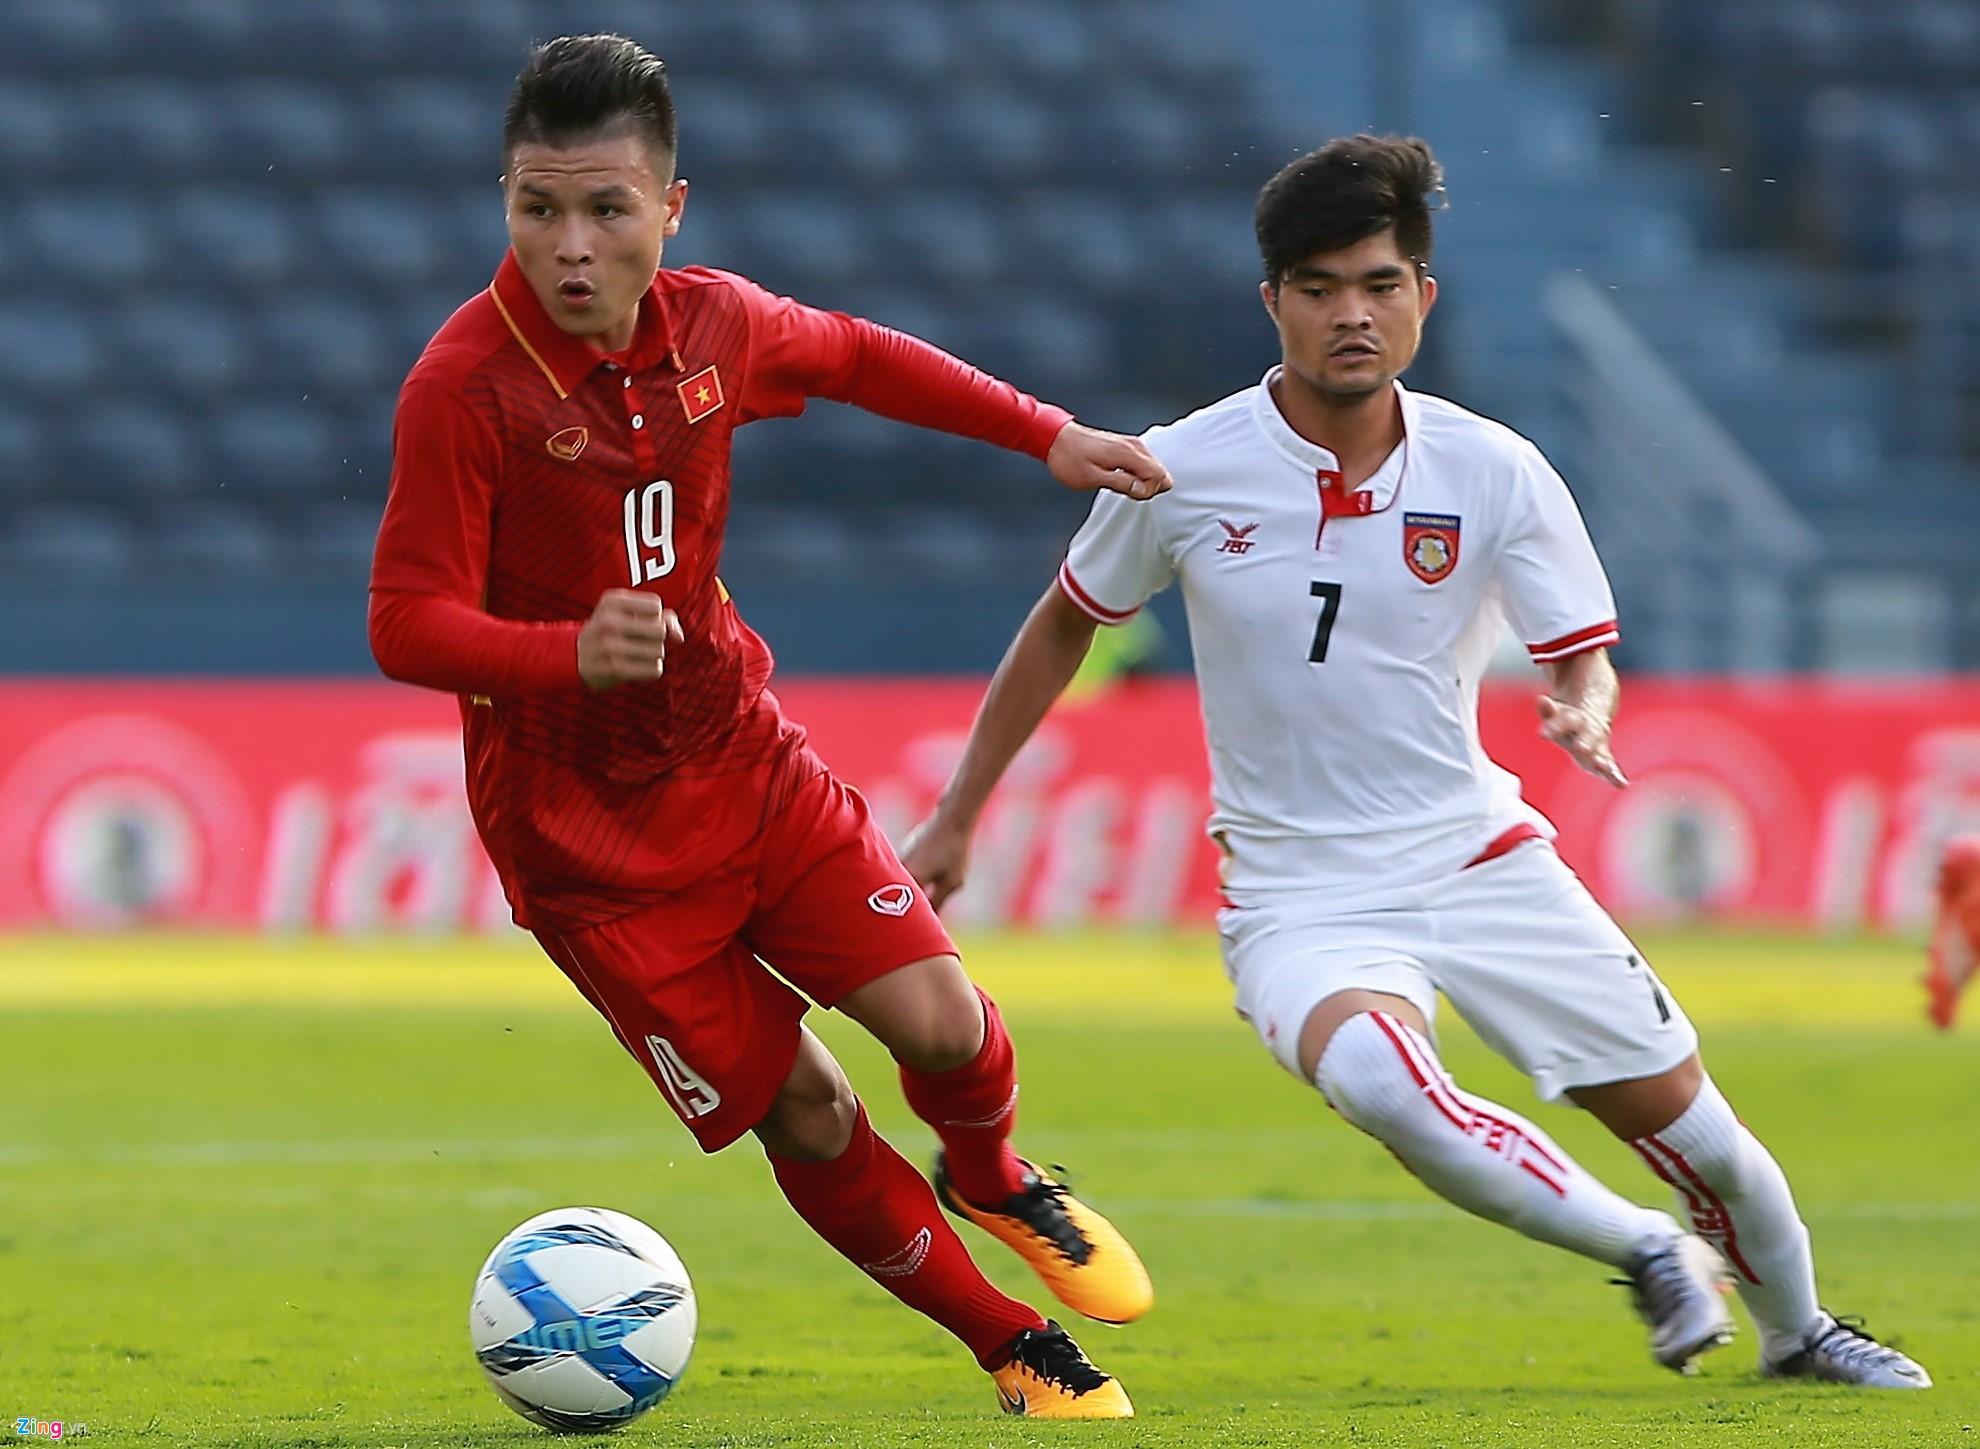 CLB Nhật Bản là đội bóng chính thức đầu tiên đặt vấn đề chiêu mộ Quang Hải - Ảnh 2.